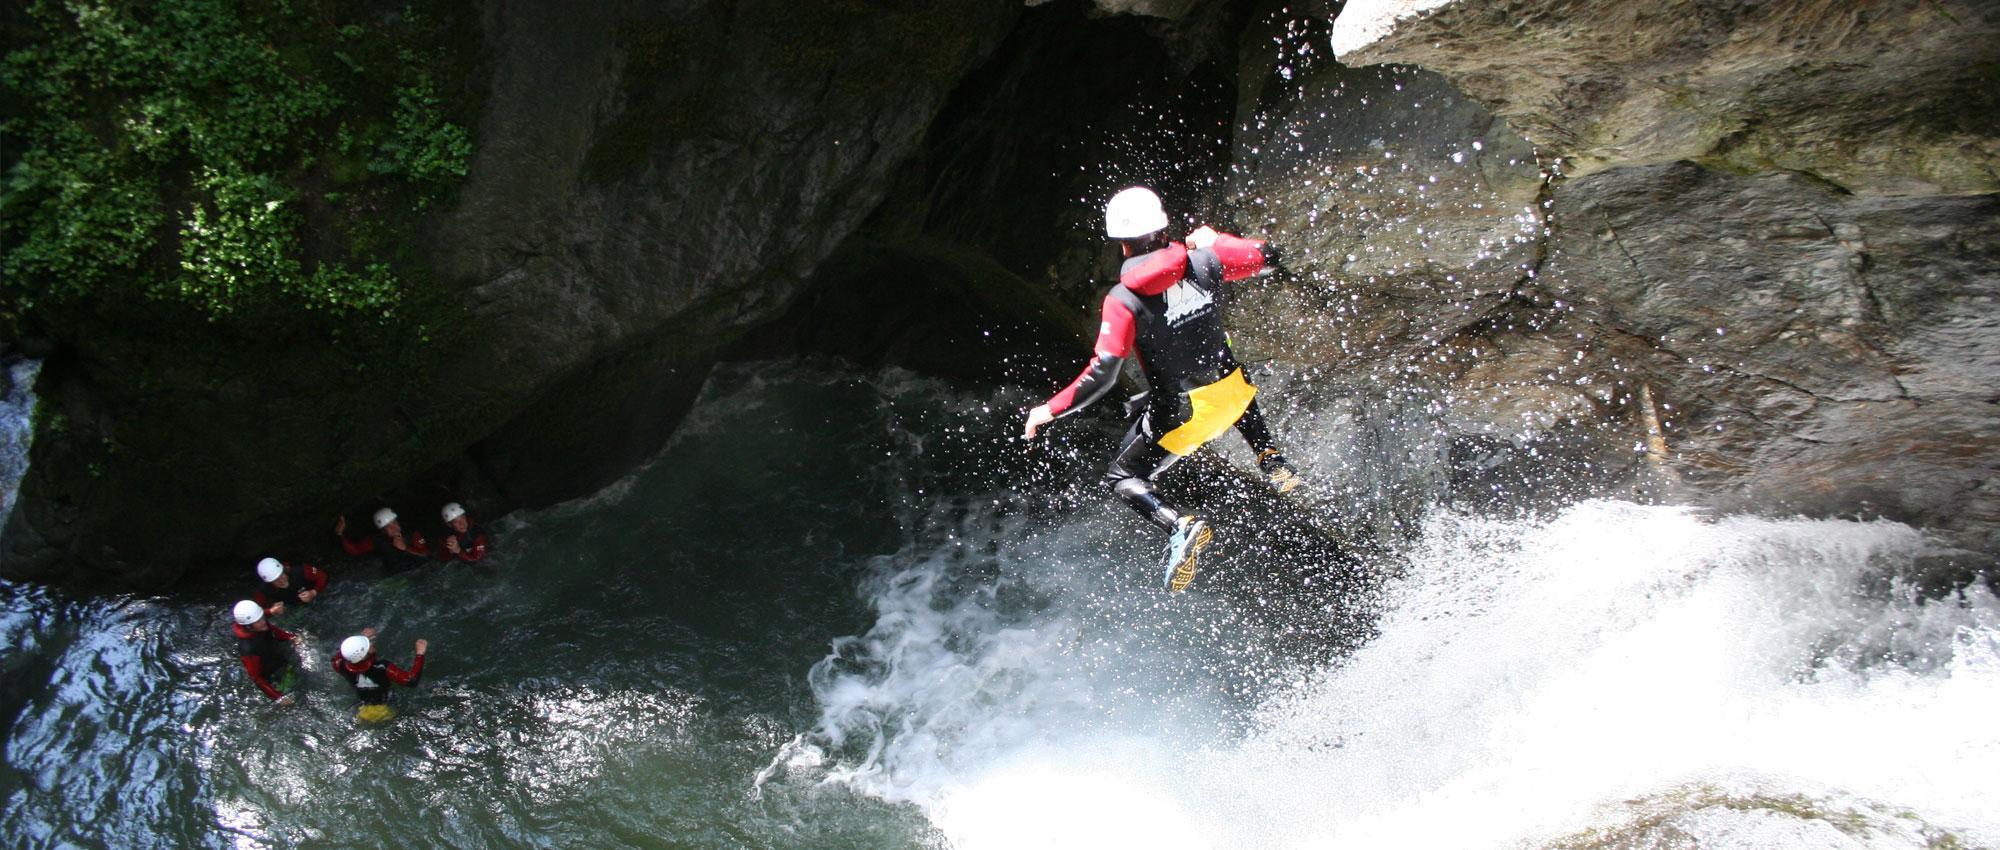 Canyoning Sprung in Tobel.jpg